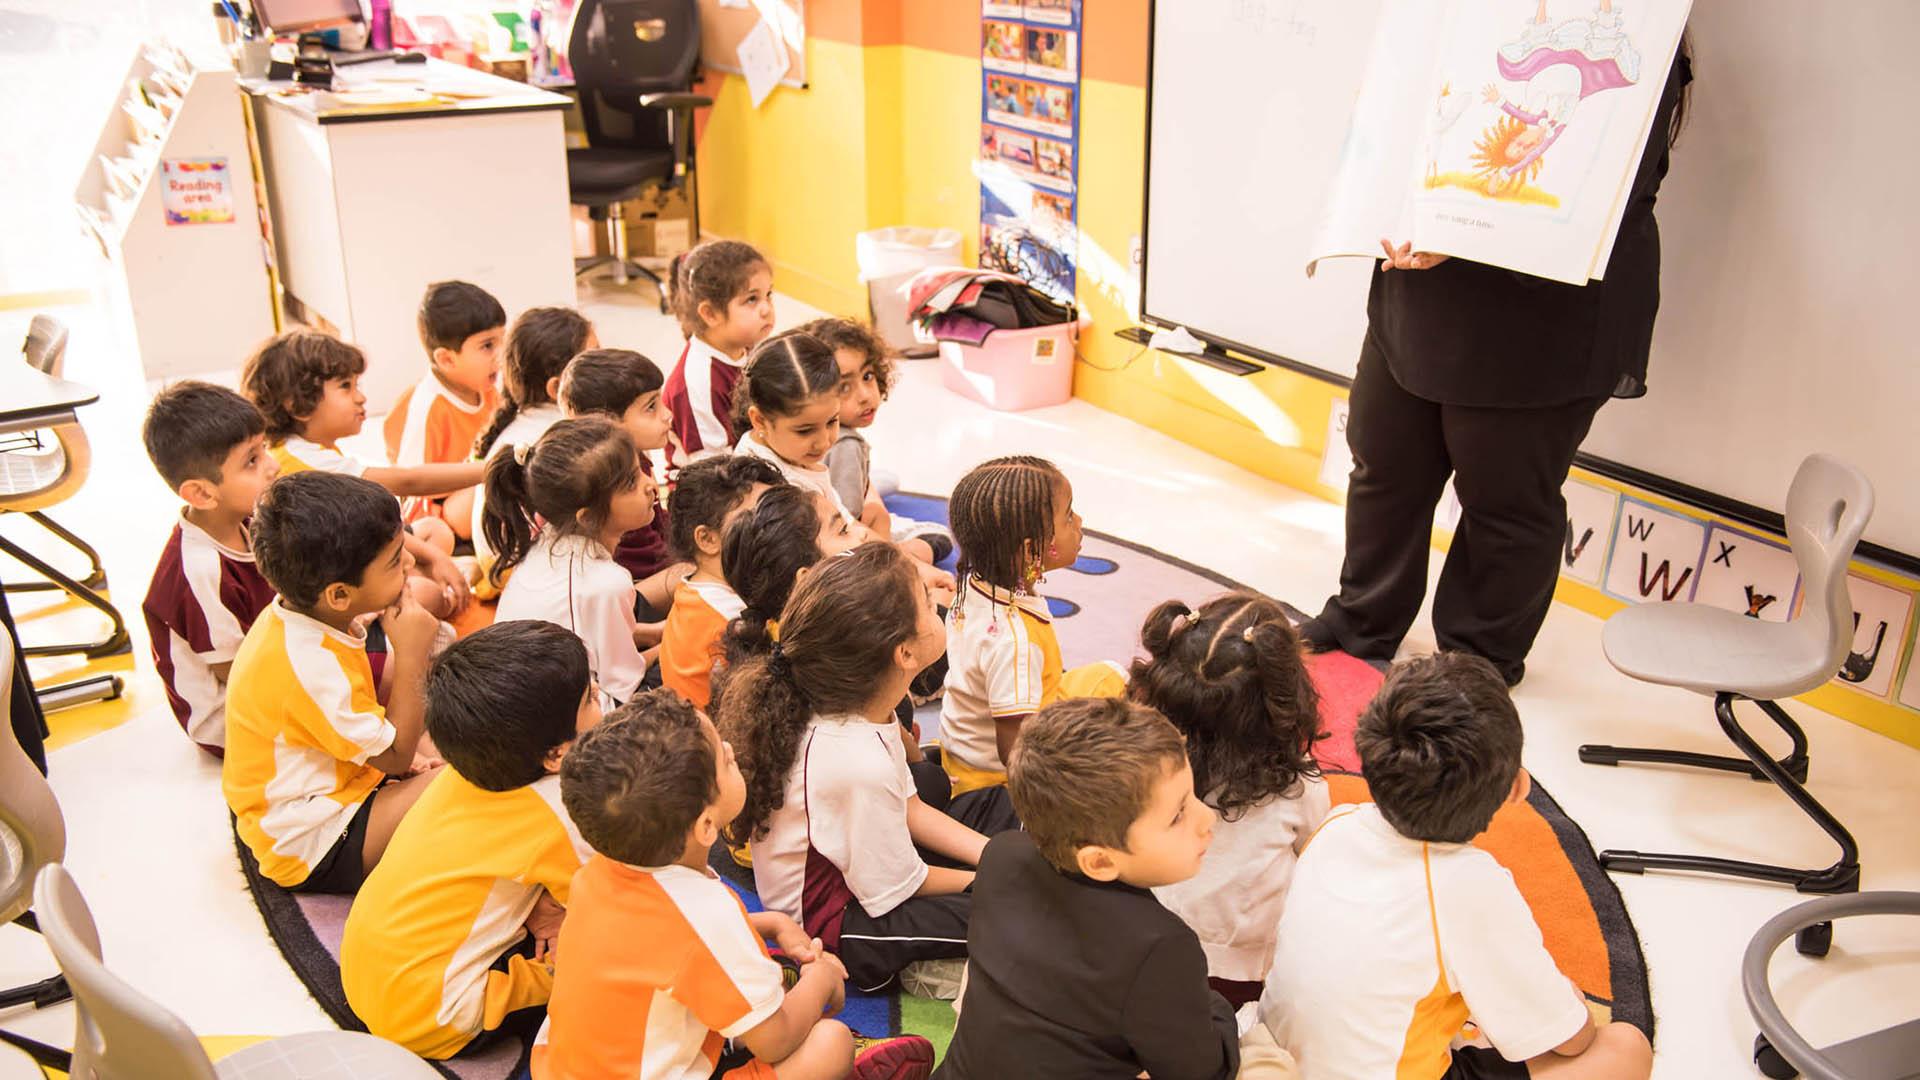 LEARNING CORRIDORS: MAKING LEARNING FUN!